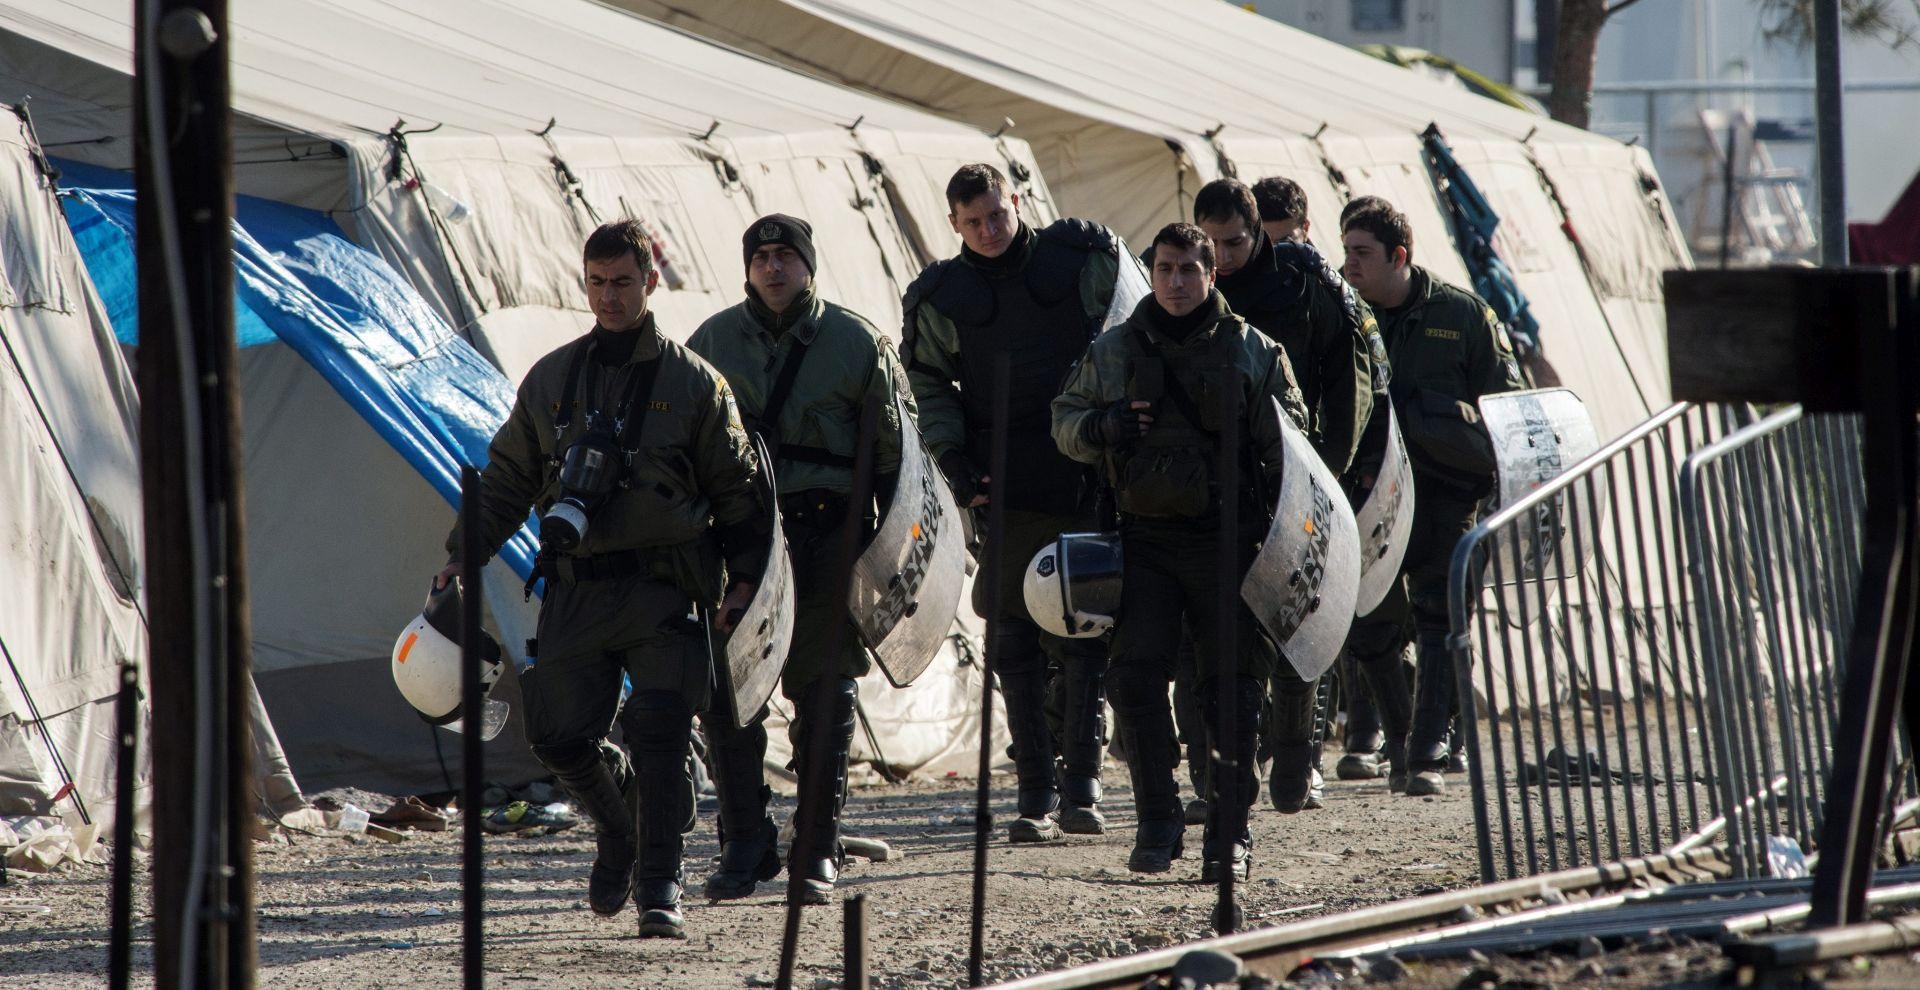 Ponovno otvorena bugarsko-turska granica, uhićena 33 carinika